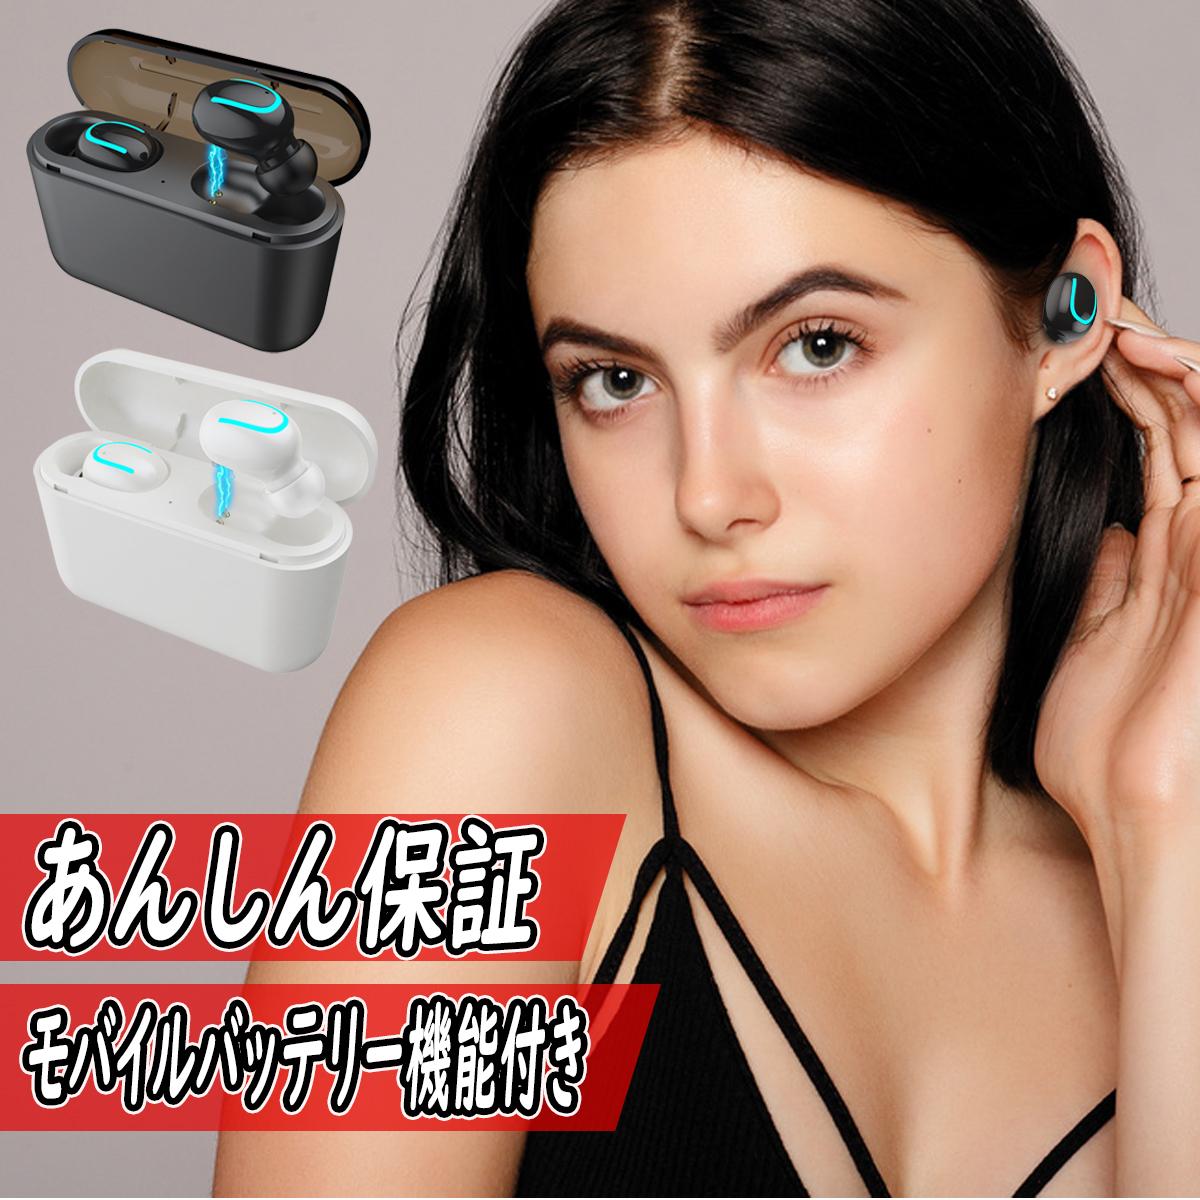 ワイヤレスイヤホン iPhone Android 両耳 イヤホン ブルートゥース 高音質 充電器 ながらスマホ スマホ対応 HI-FI ヘッドホン カナル型  対応 ハンズフリー通話可能 ブラック ホワイト 日本語説明書 Bluetooth 5.0【ホワイトデー】